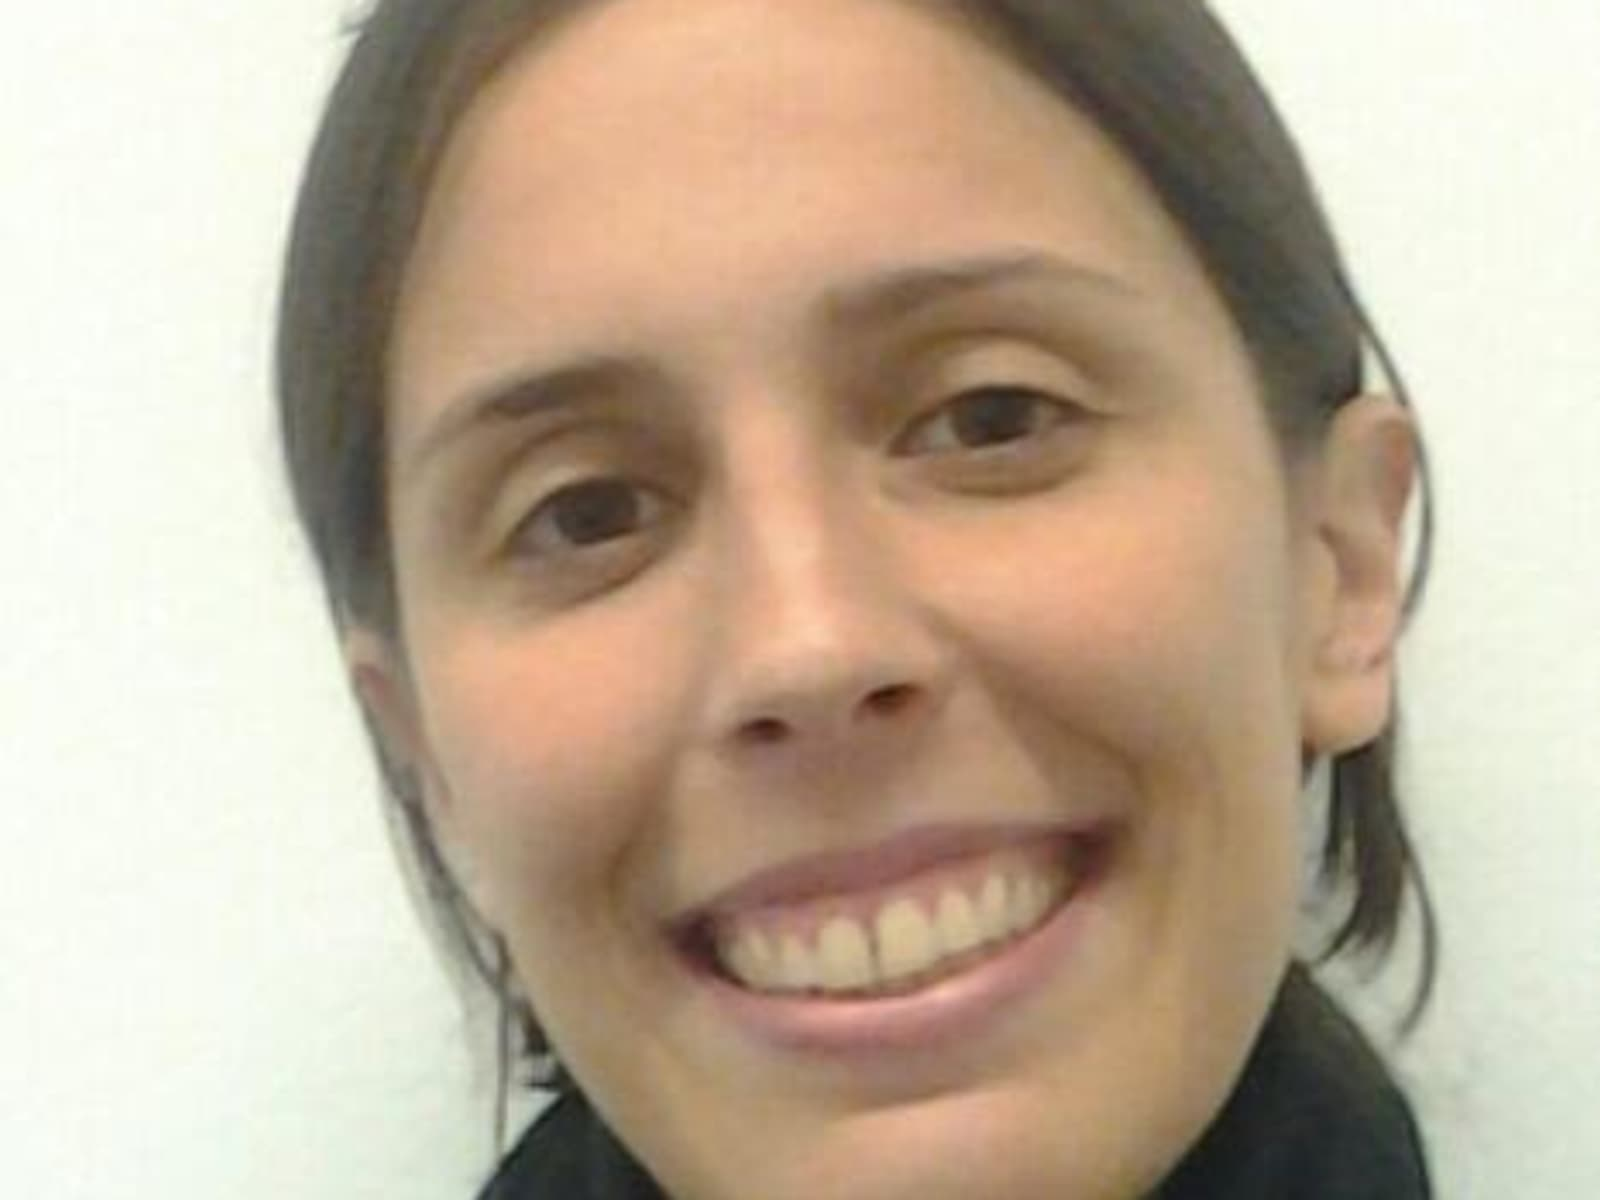 Sara from Venice, Italy